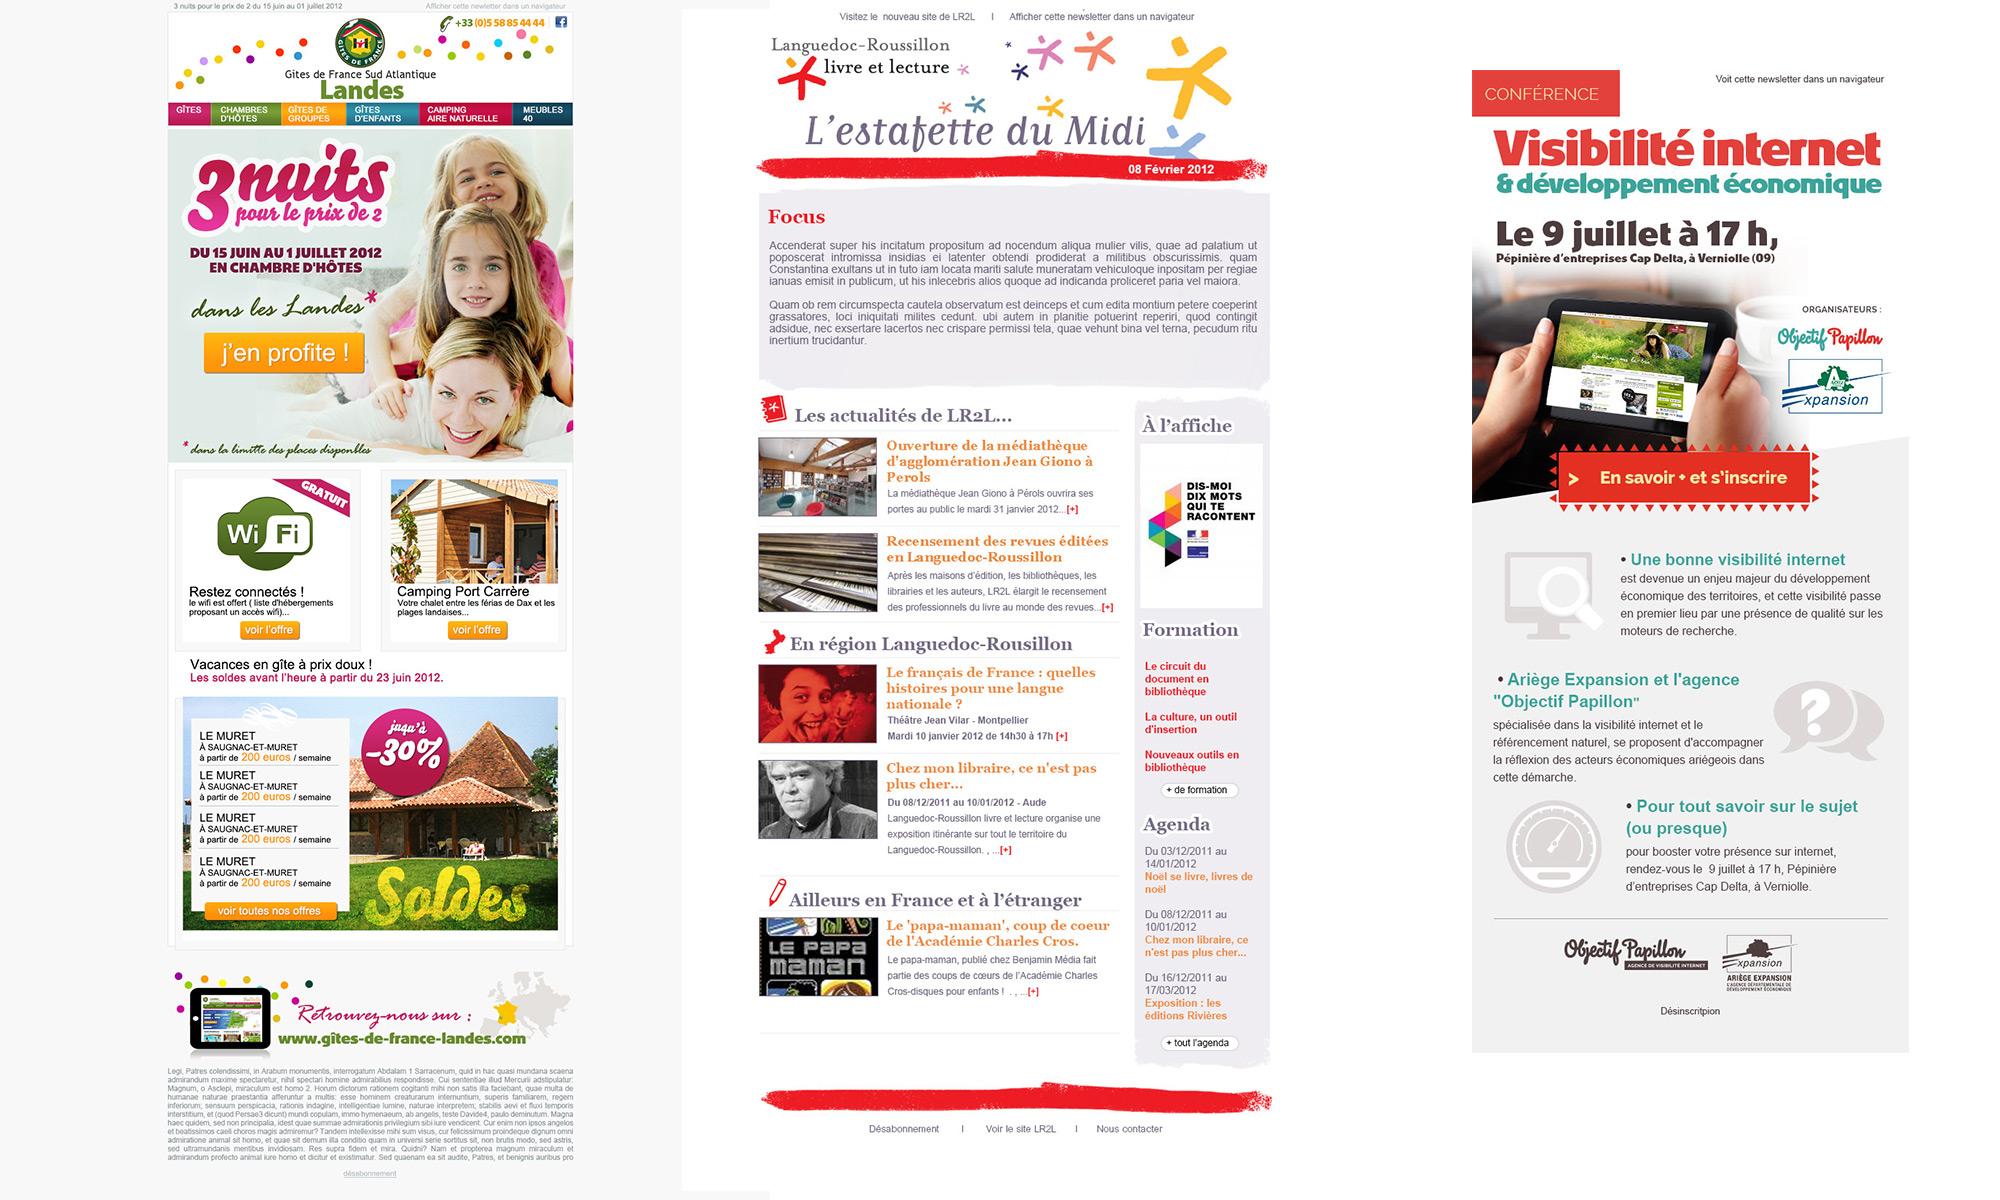 INfolettres Gîtes de France Landes / Languedoc-Roussillon Livre et lecture / Objectif Papillon